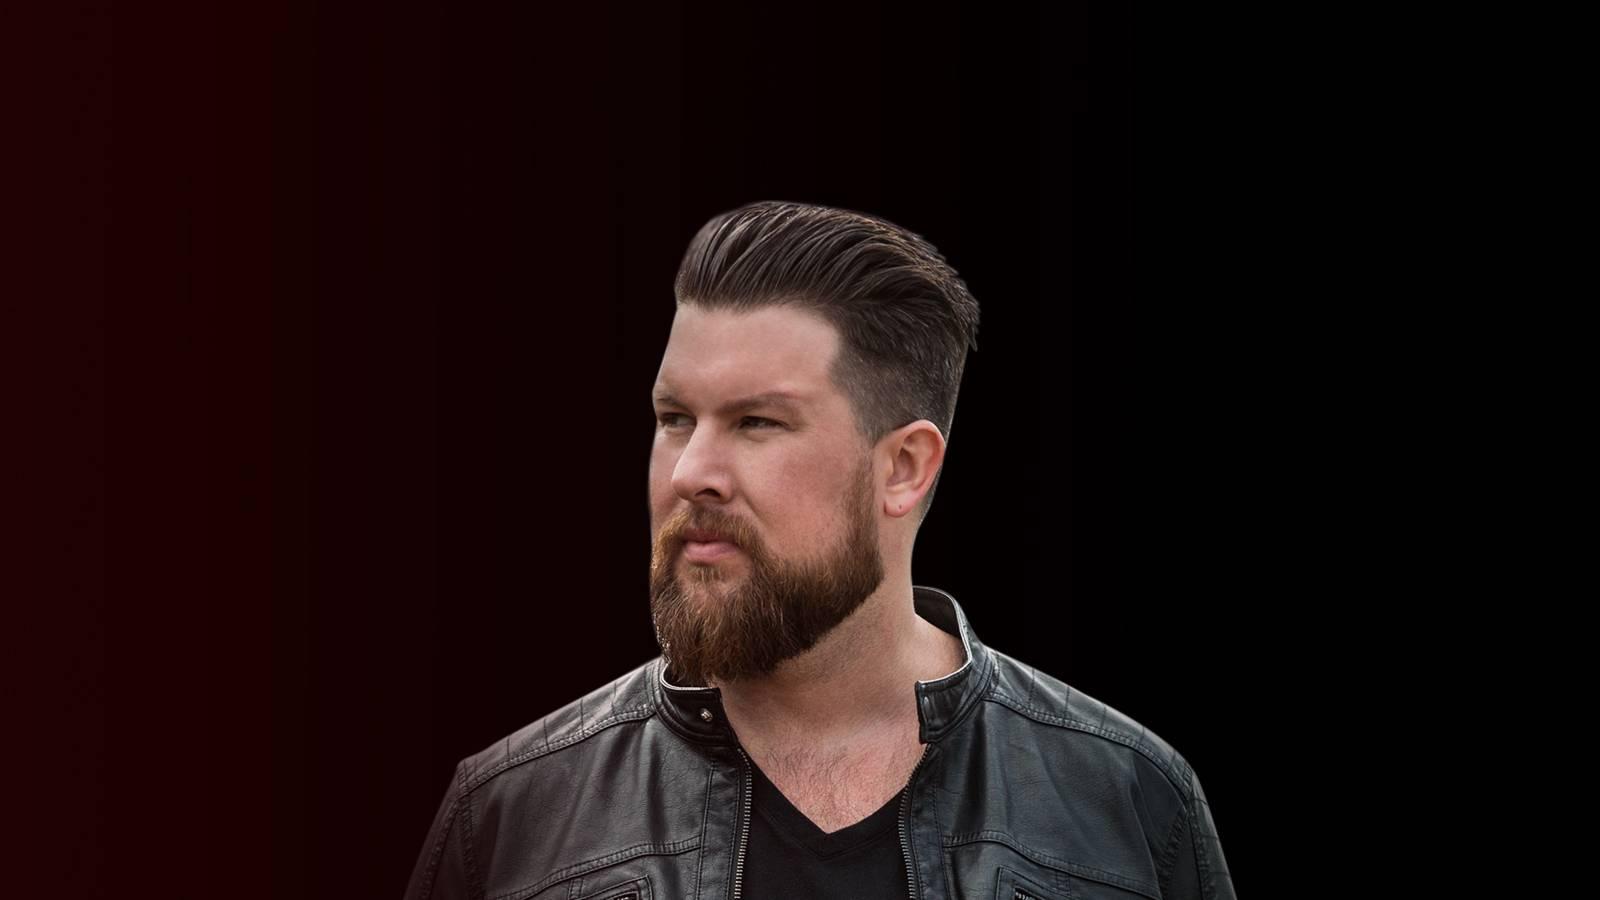 Zach Williams (Rescheduled from 3/19/2020, 10/1/2020)